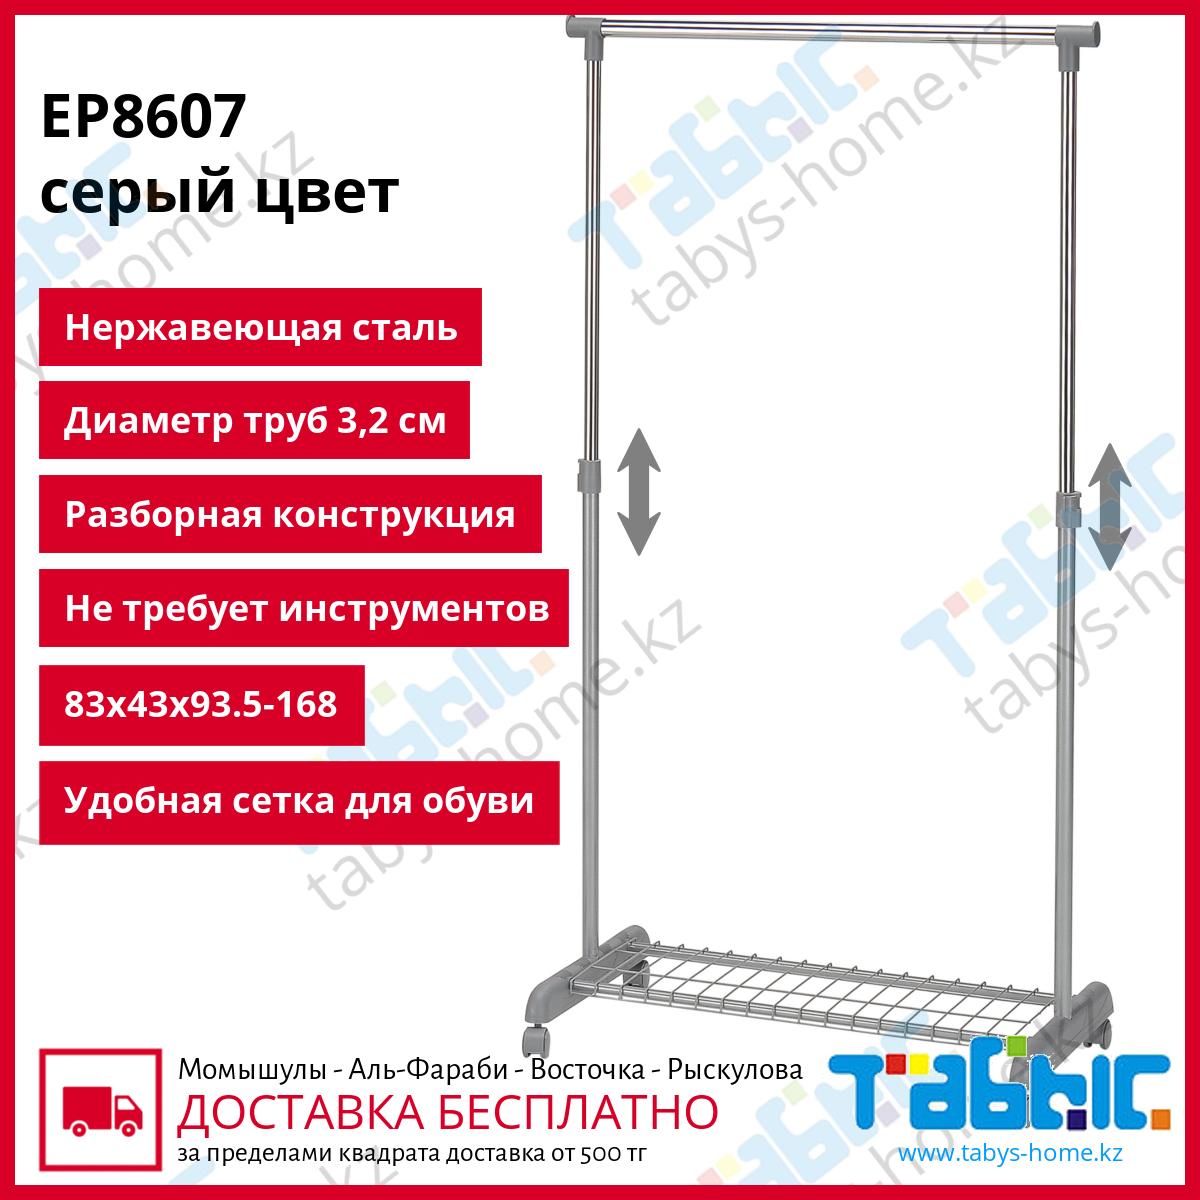 Вешалка для одежды гардеробная Табыс ЕР 8607 (серый цвет)